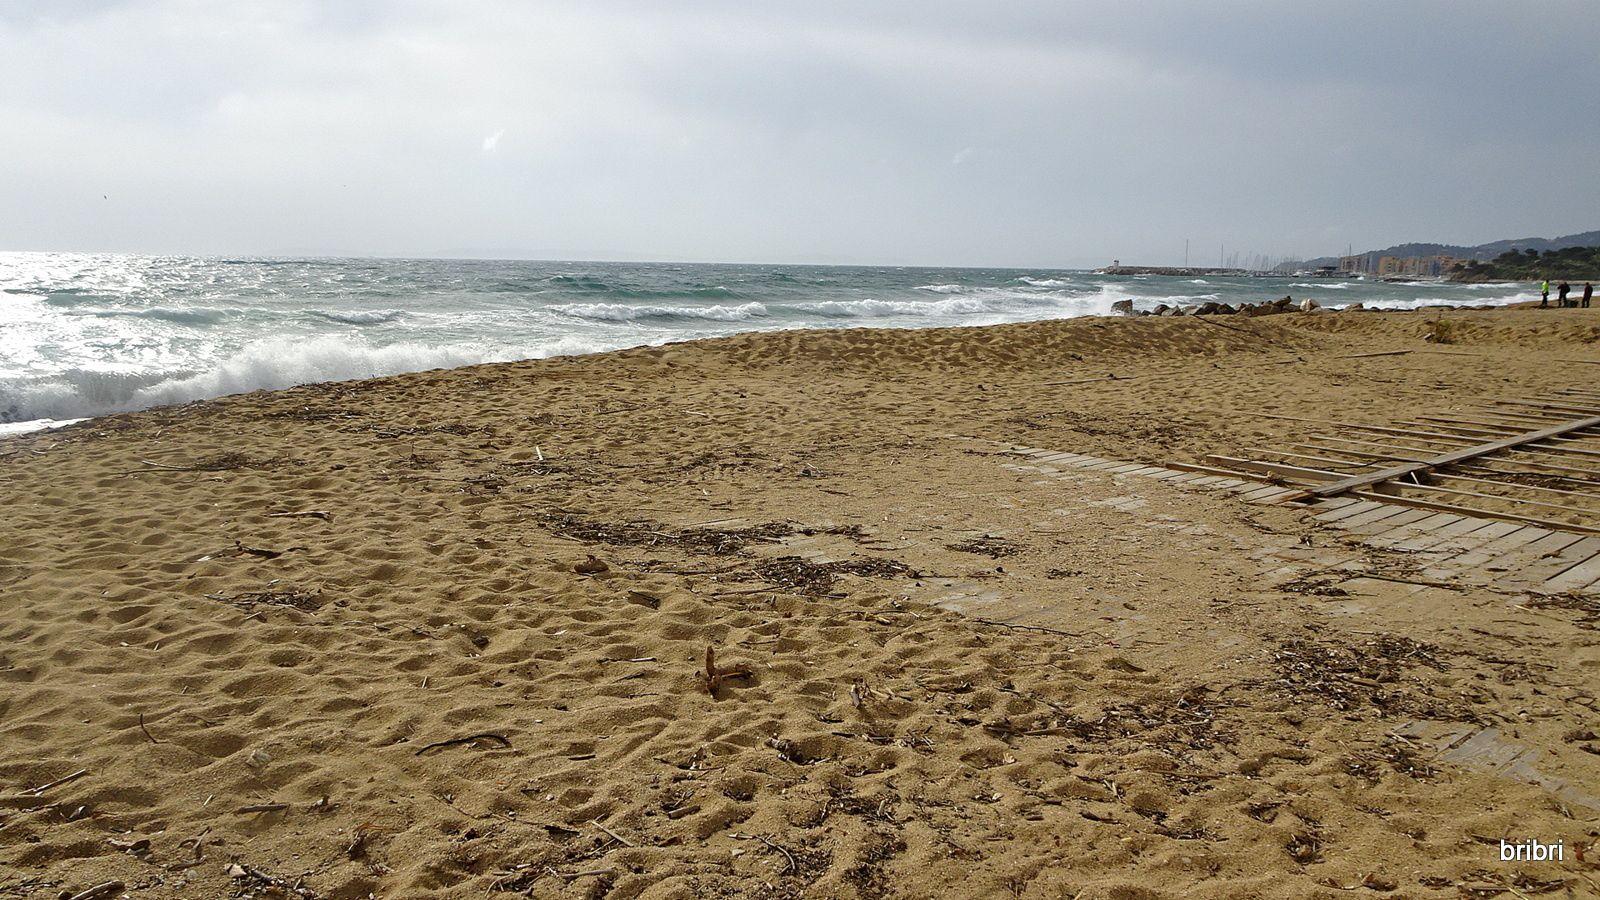 Nous avons vu la mer sous tous ses aspects, d'huile, légèrement en colère et déchaînée.